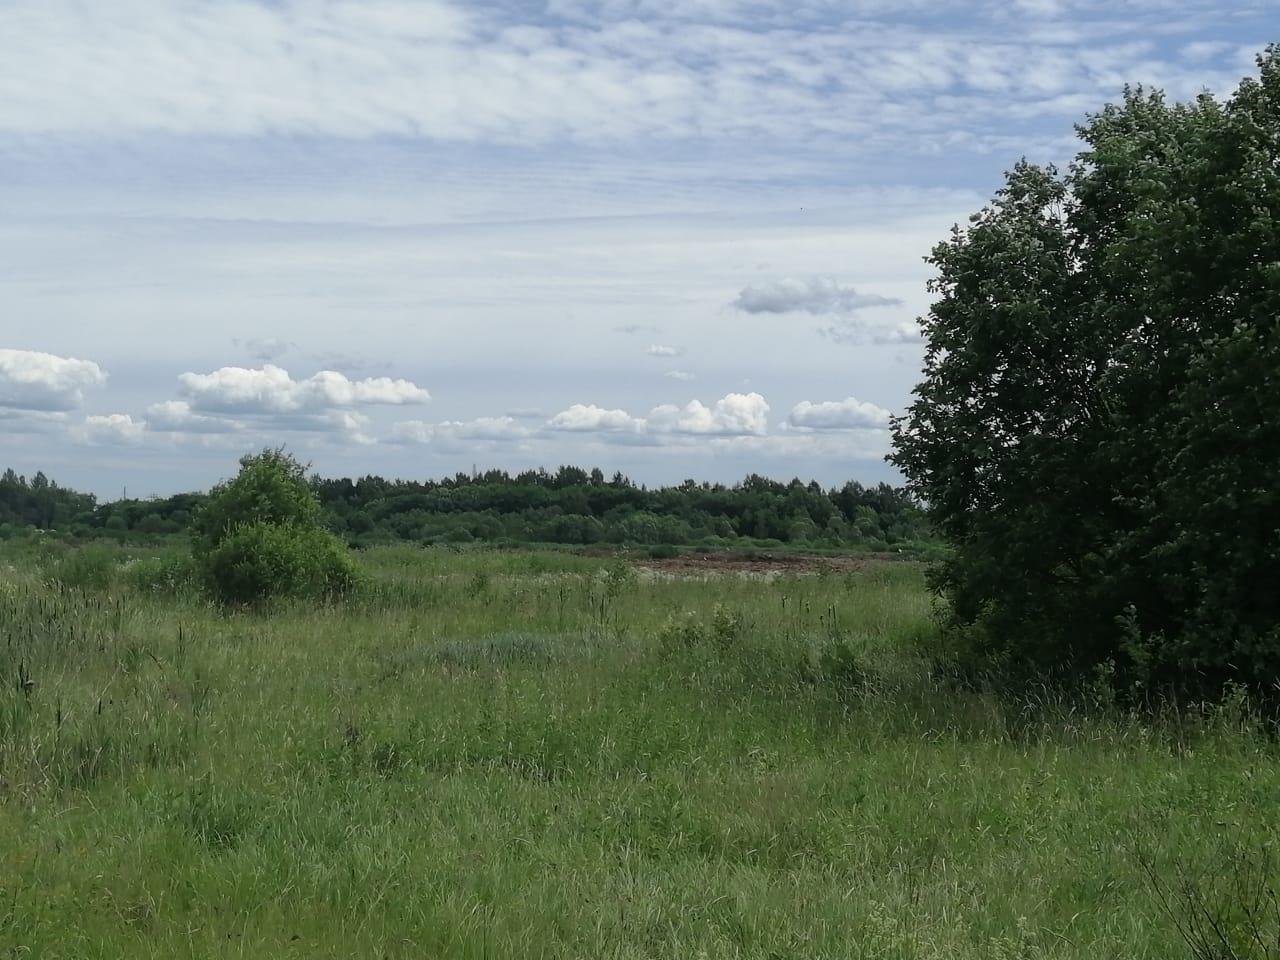 В Ярославской области куриный помет хлынул в реку: ОНФ проверил, как ликвидируют последствия ЧП